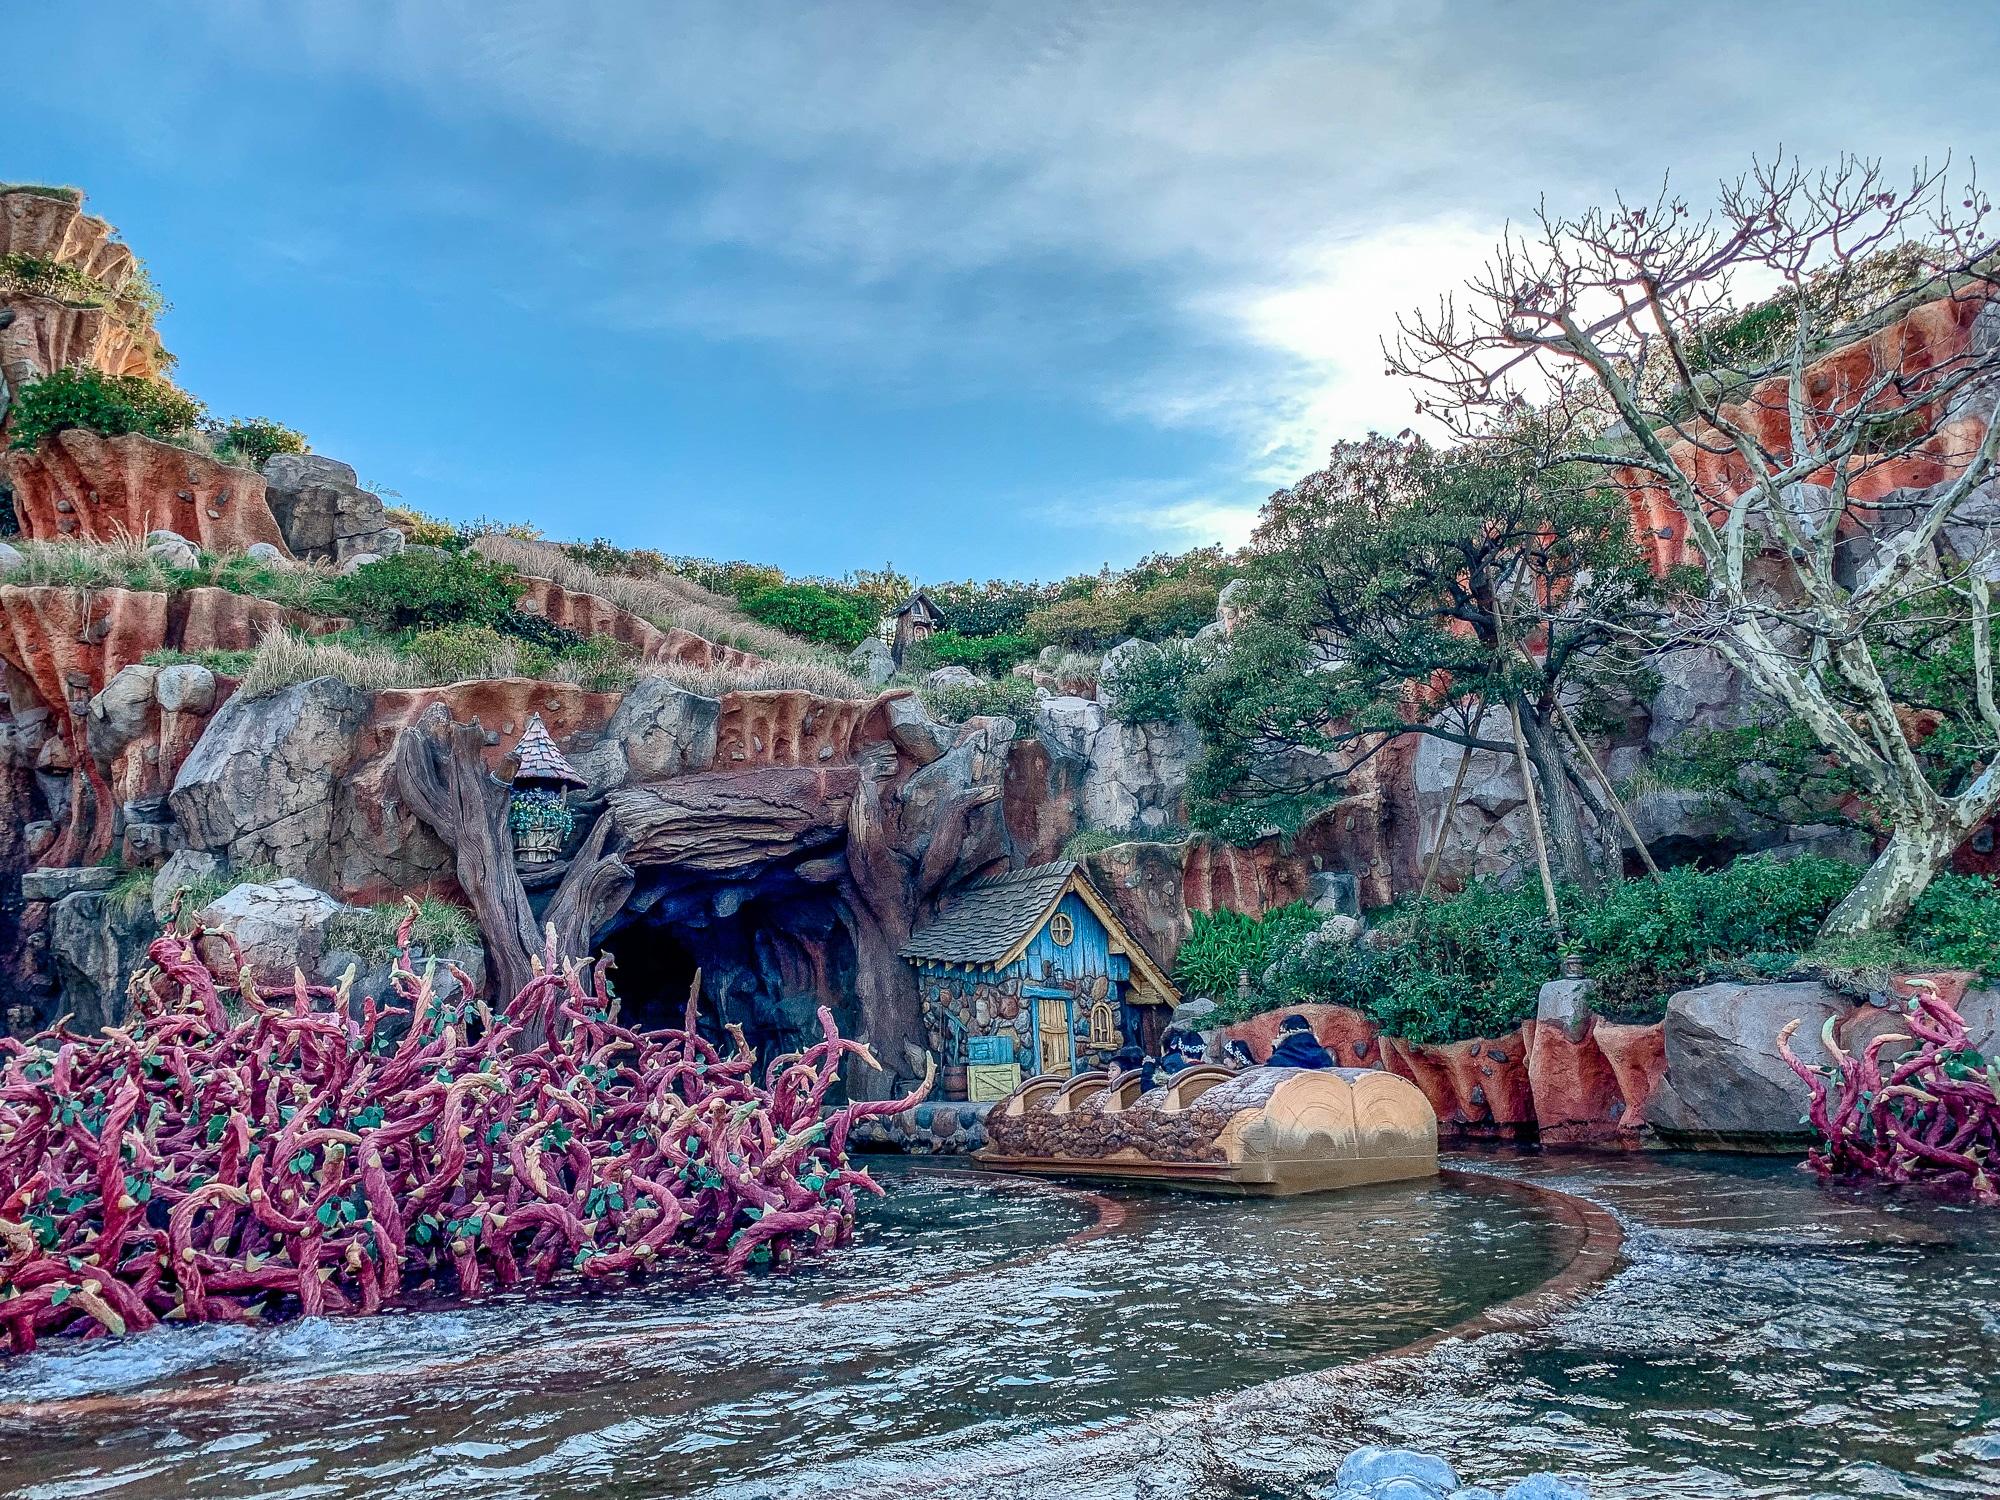 Disneyland Tokio: Meine Erfahrungen, Attraktionen und Highlights im Park - Splash Mountain im Critter Country